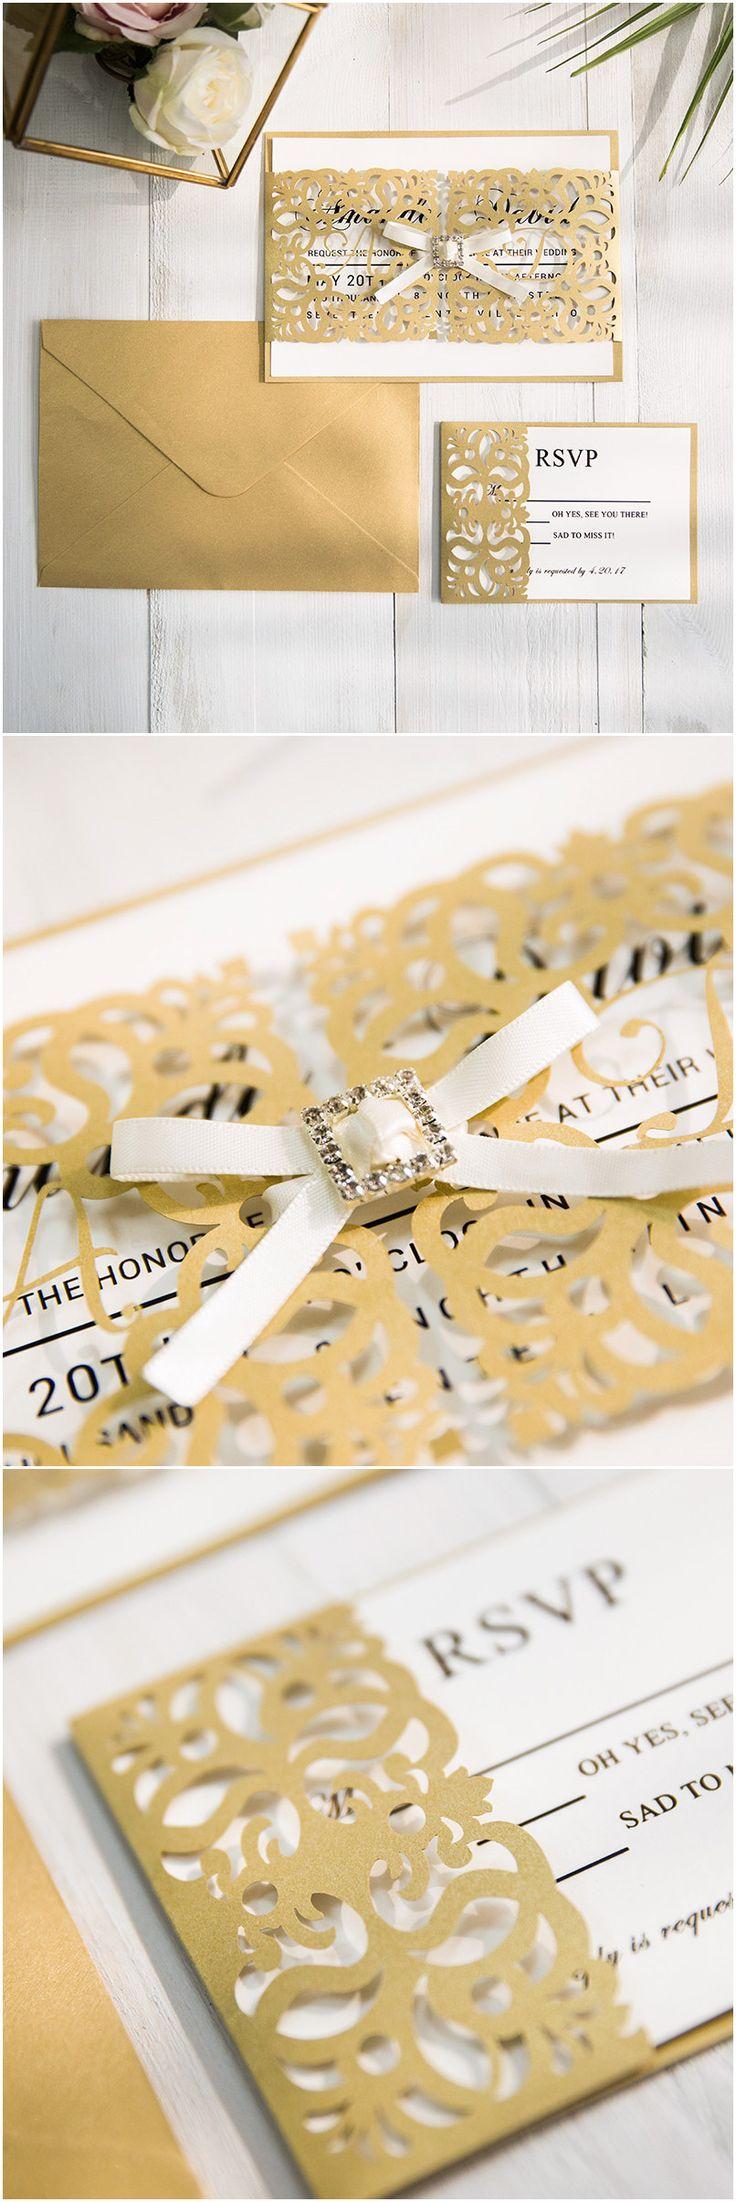 176 best Stylish Wedding Ideas images on